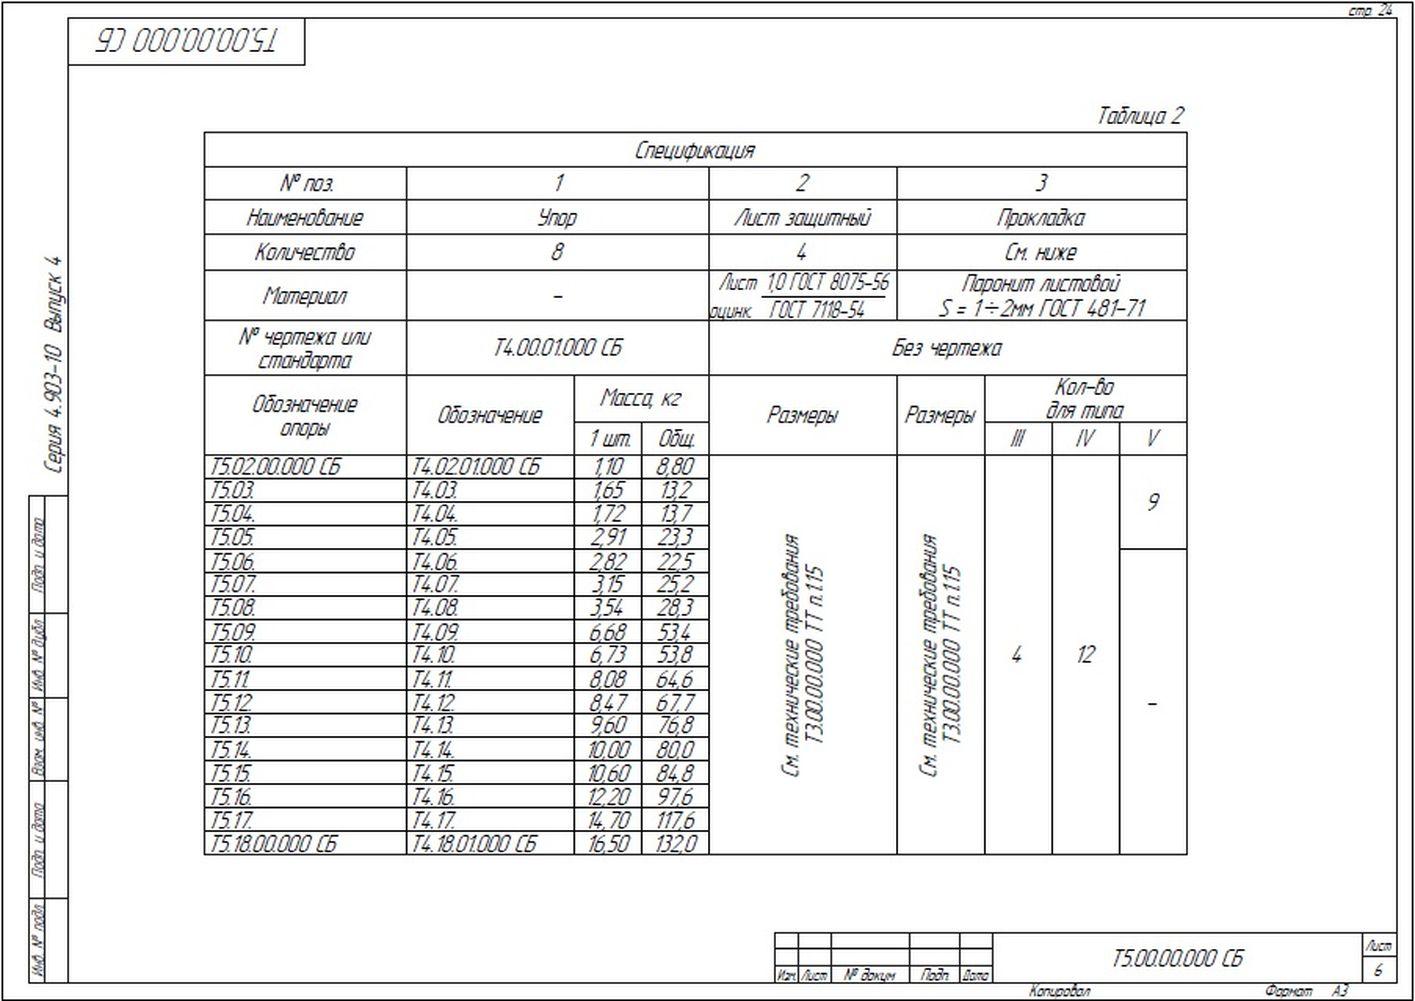 Опора неподвижная лобовая четырехупорная Т5 серия 4.903-10 вып.4 стр.6